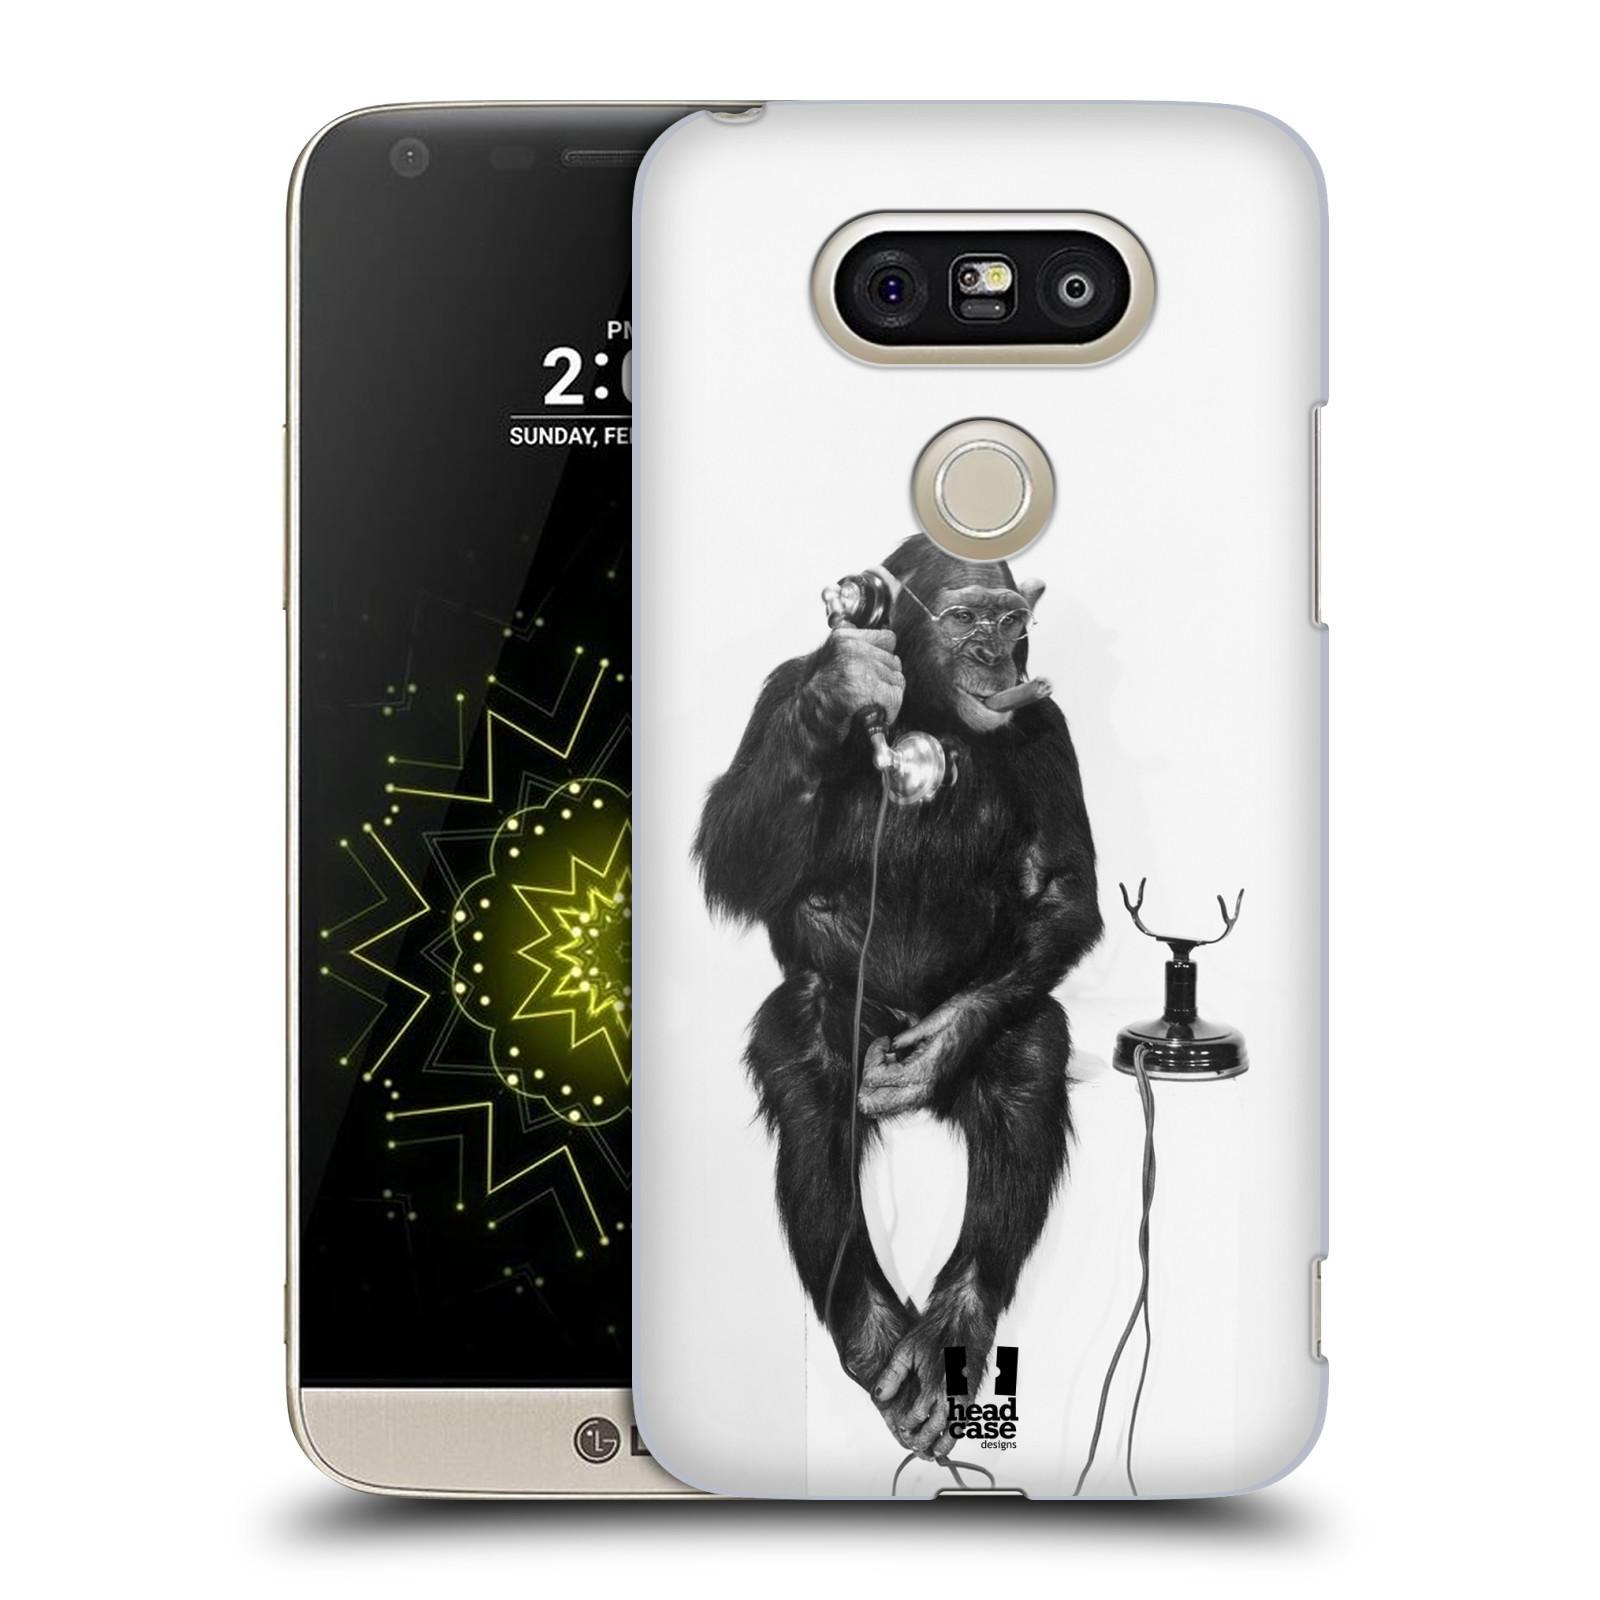 Plastové pouzdro na mobil LG G5 SE - Head Case - OPIČÁK S TELEFONEM (Plastový kryt či obal na mobilní telefon LG G5 SE H840 s motivem OPIČÁK S TELEFONEM)